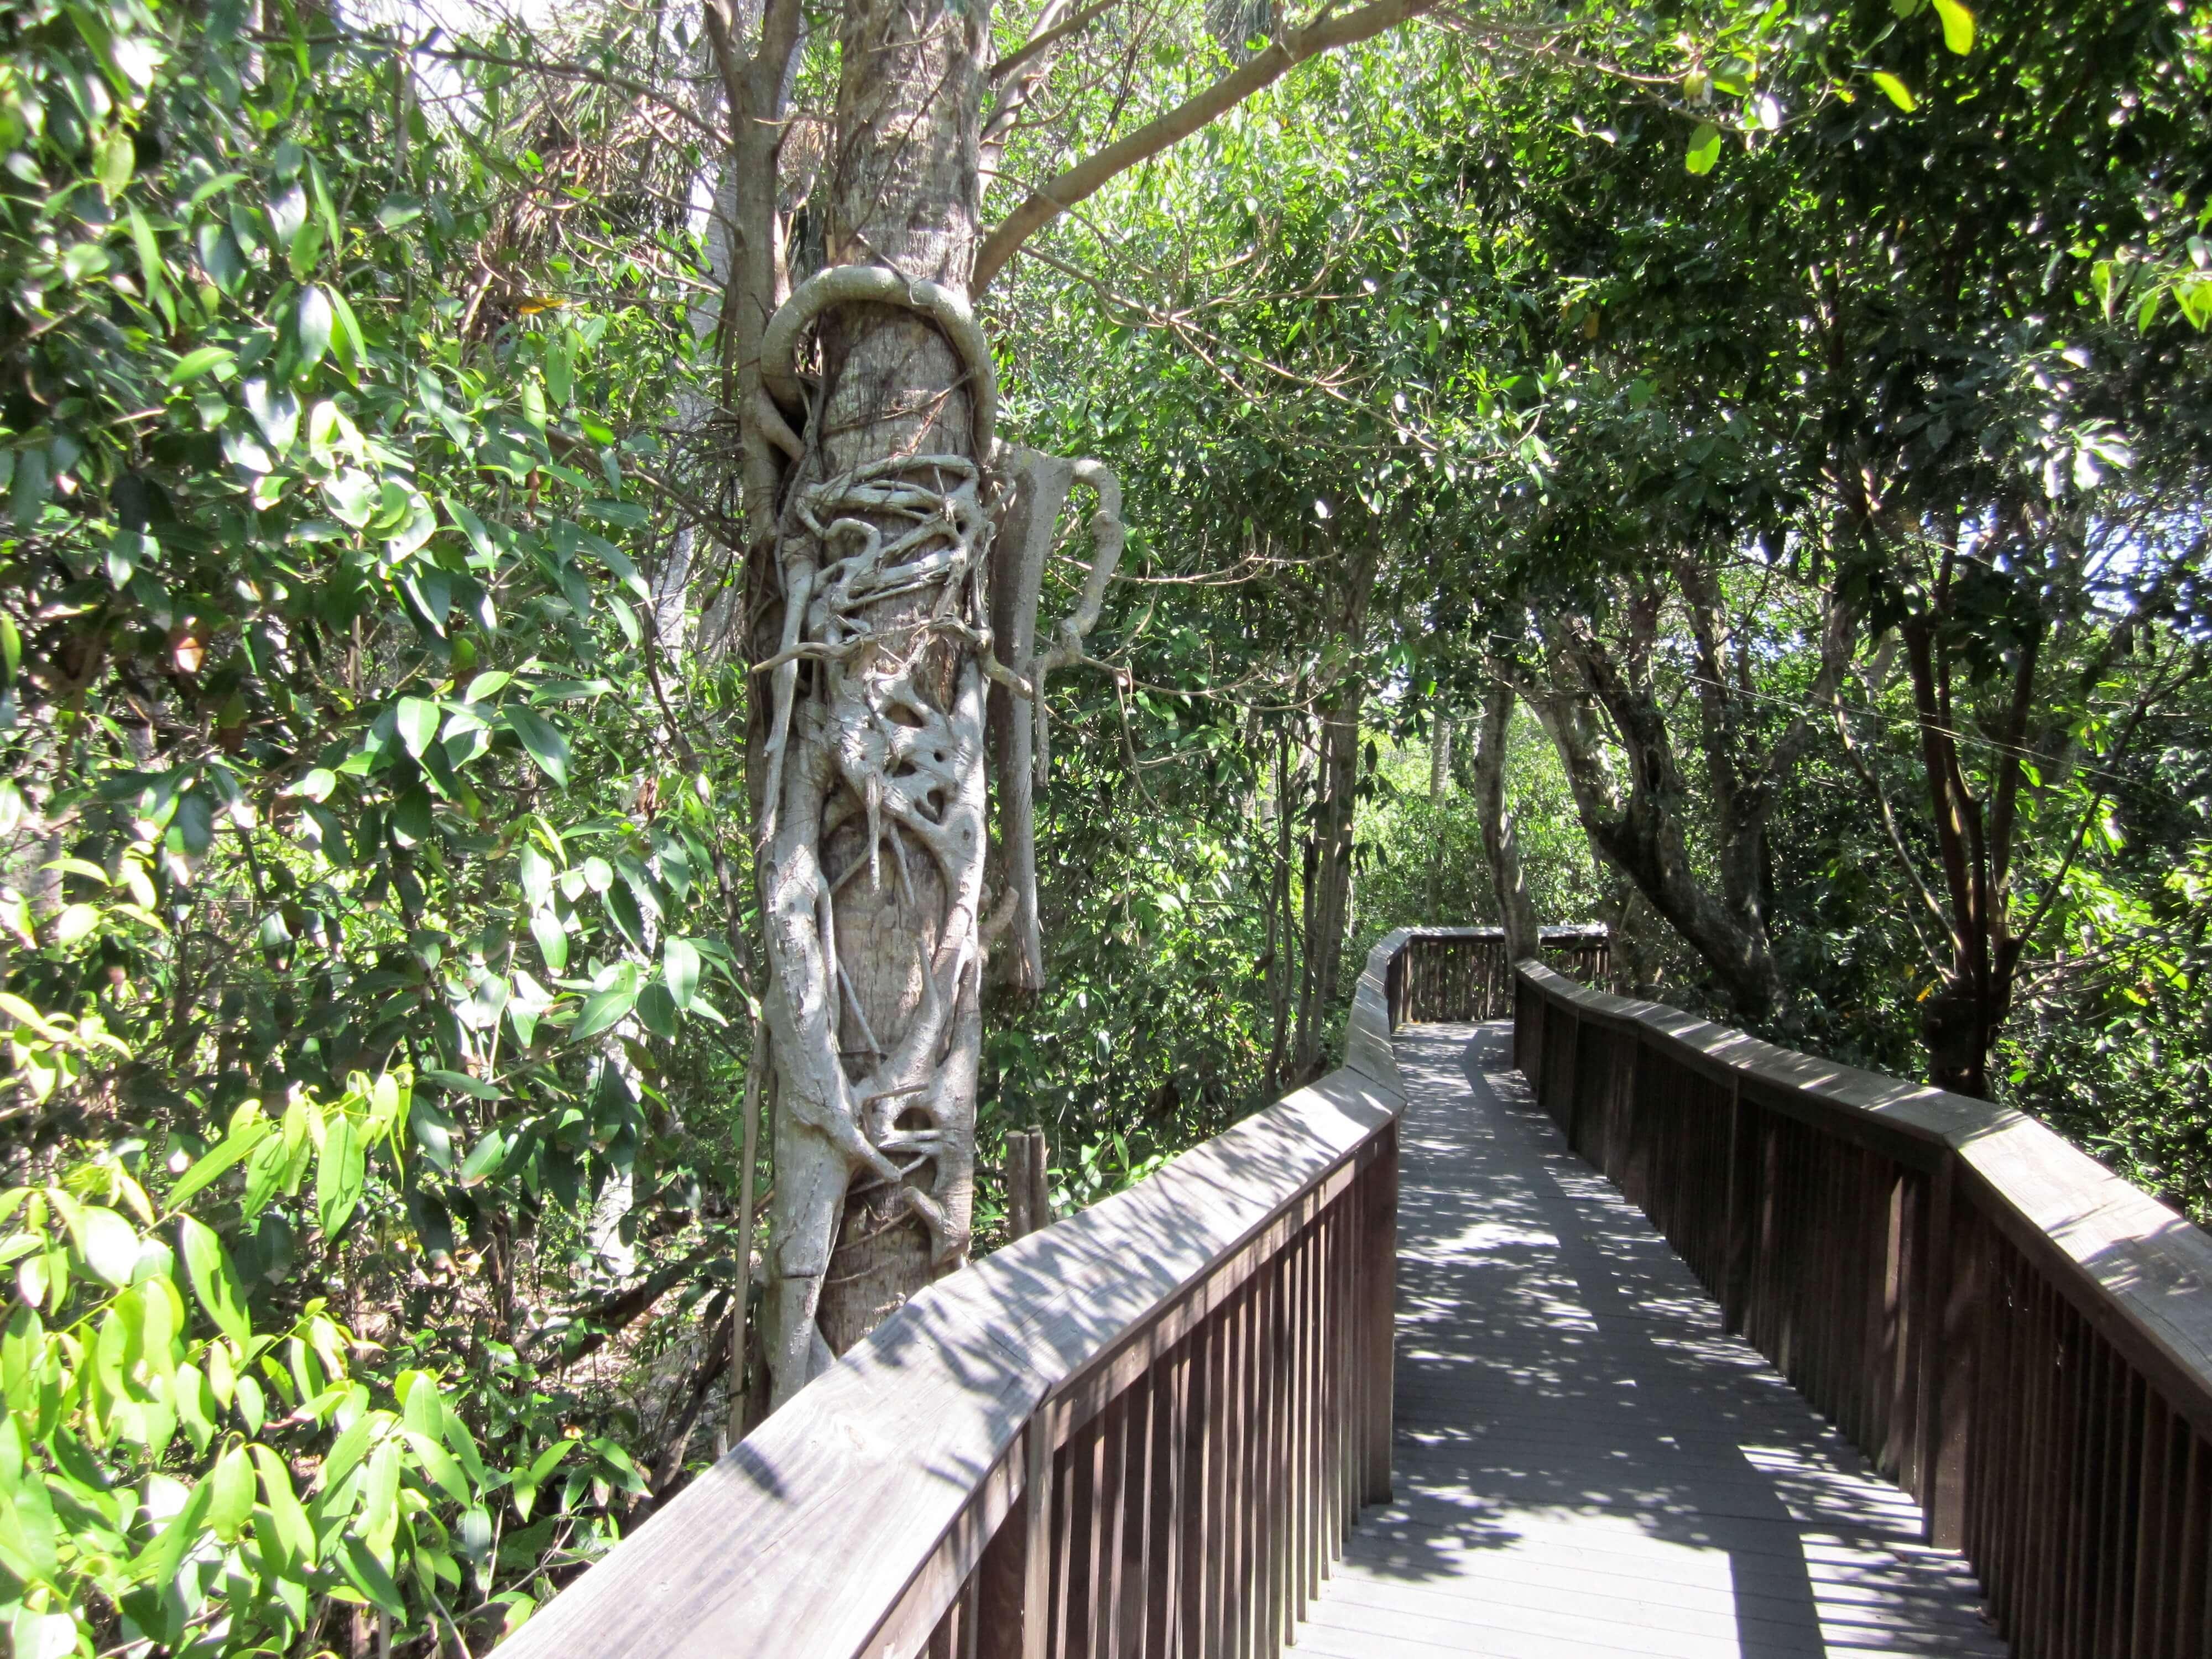 Pontos turísticos em Boca Raton: Gumbo Limbo Nature Center